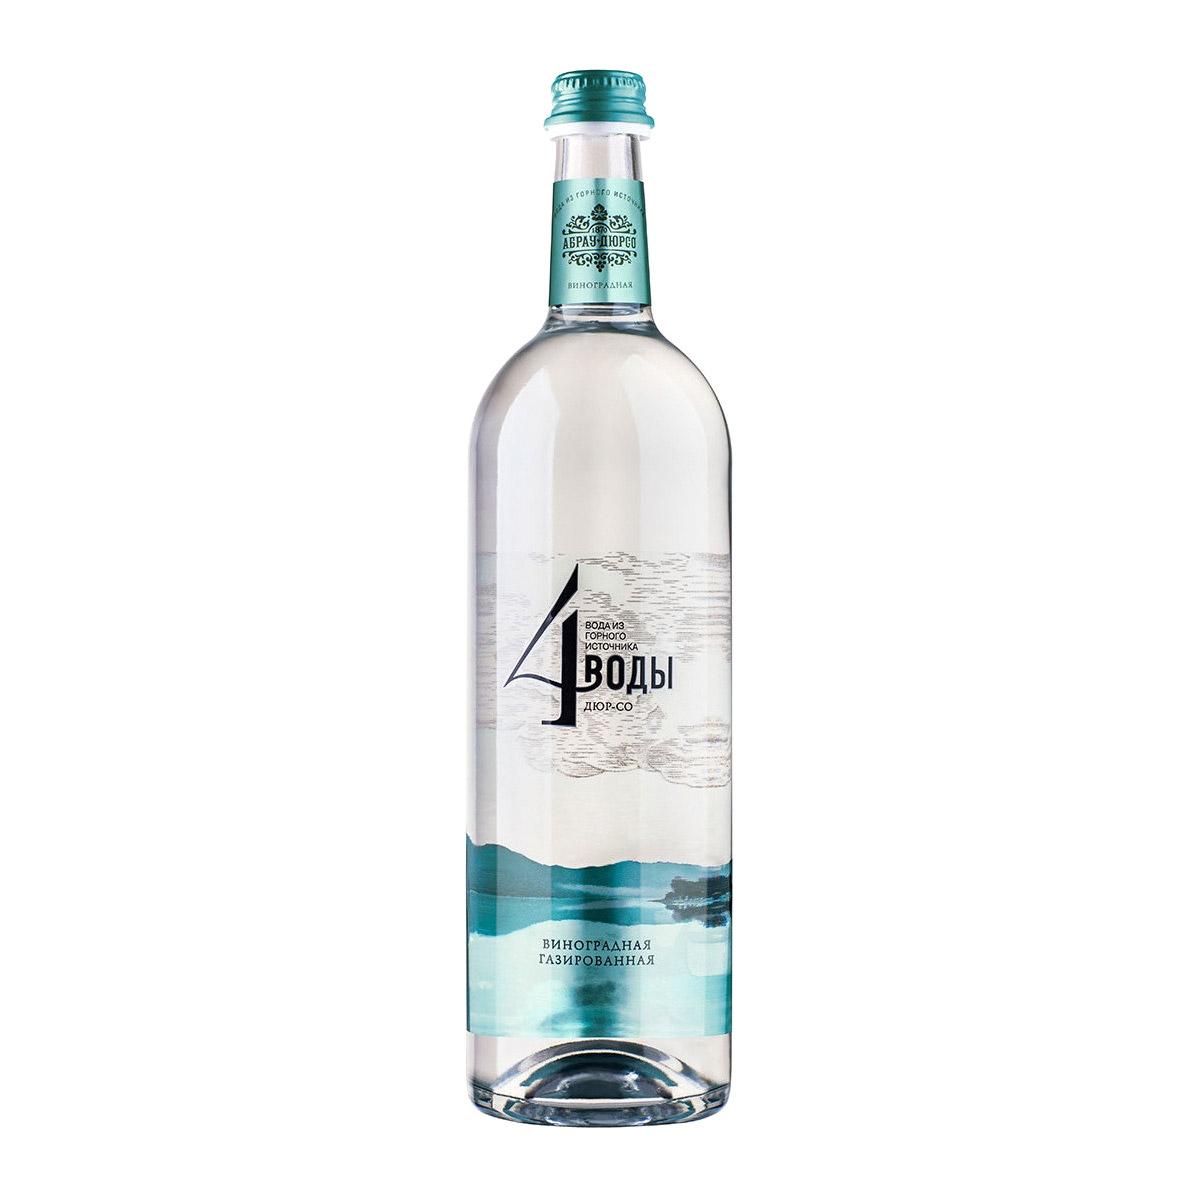 Вода питьевая Абрау-Дюрсо